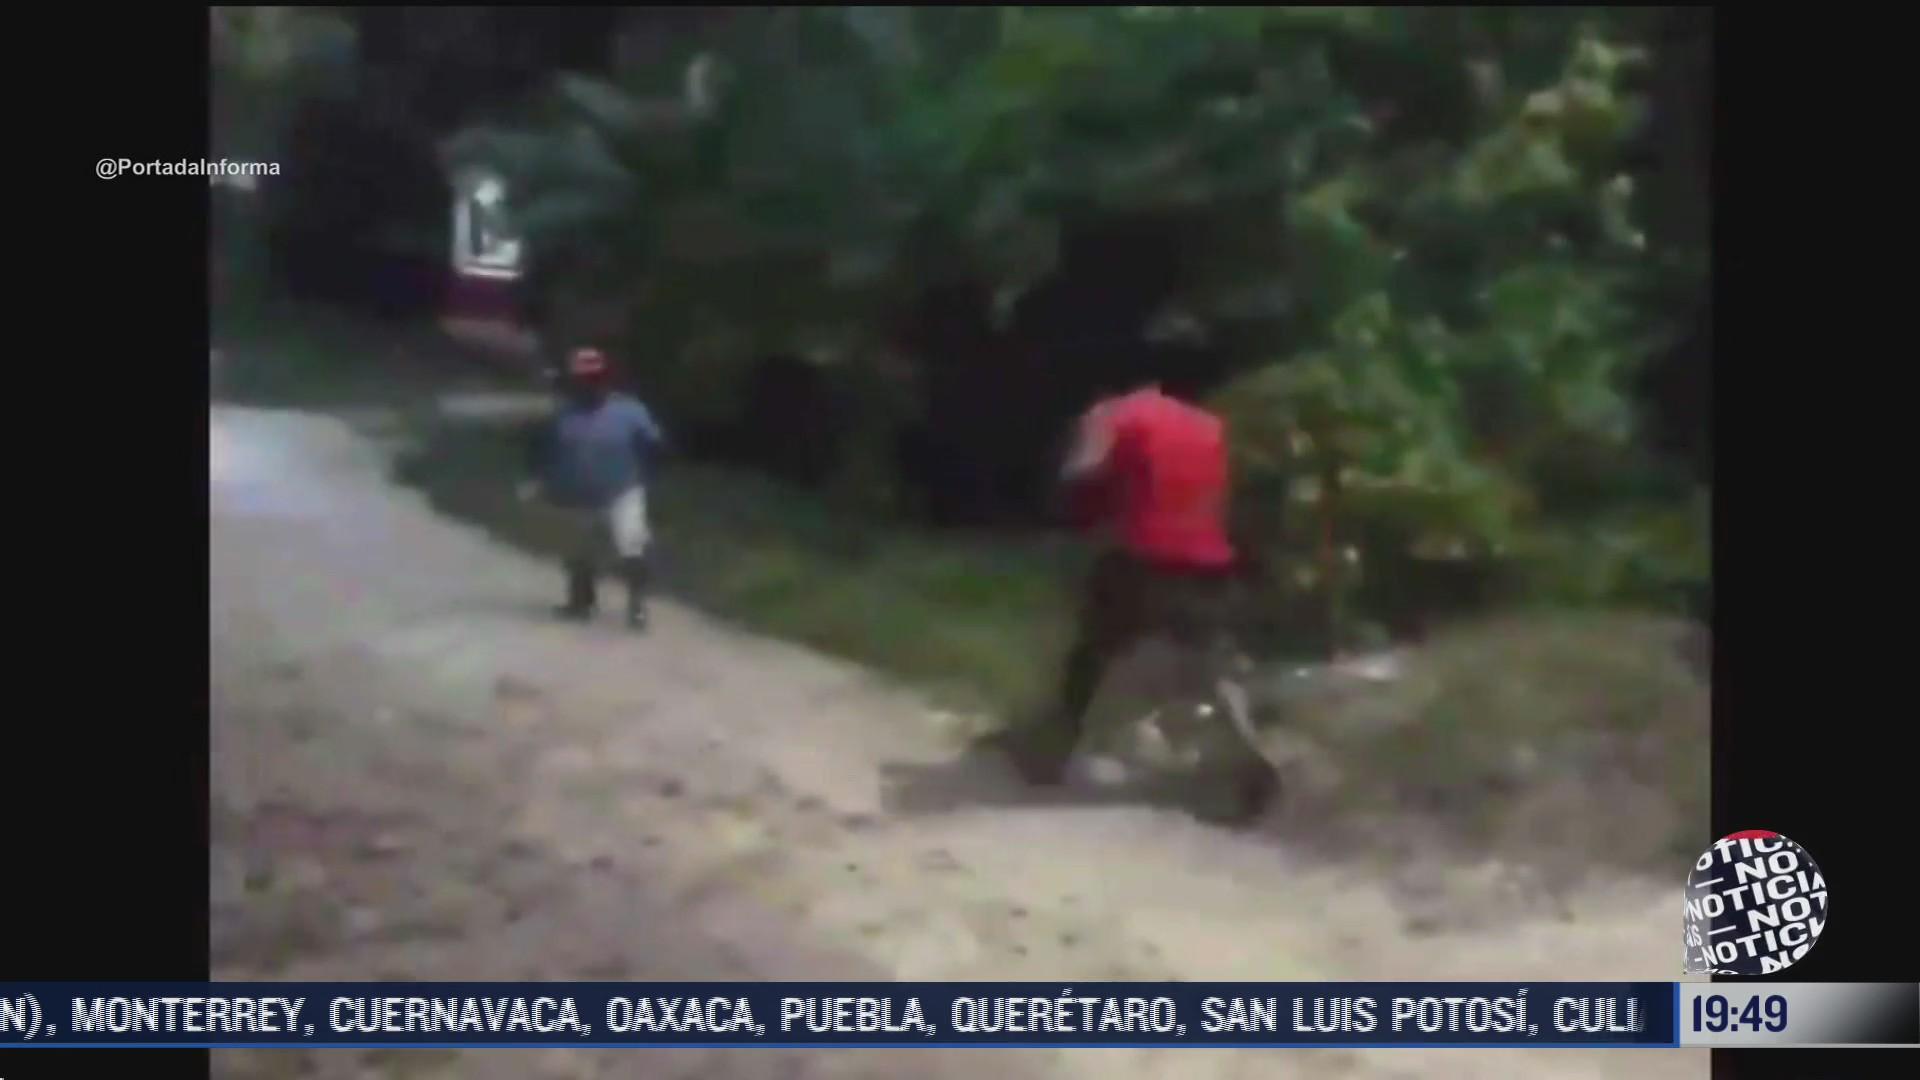 pobladores en comunidad de chiapas se enfrenta a tablazos y pedradas